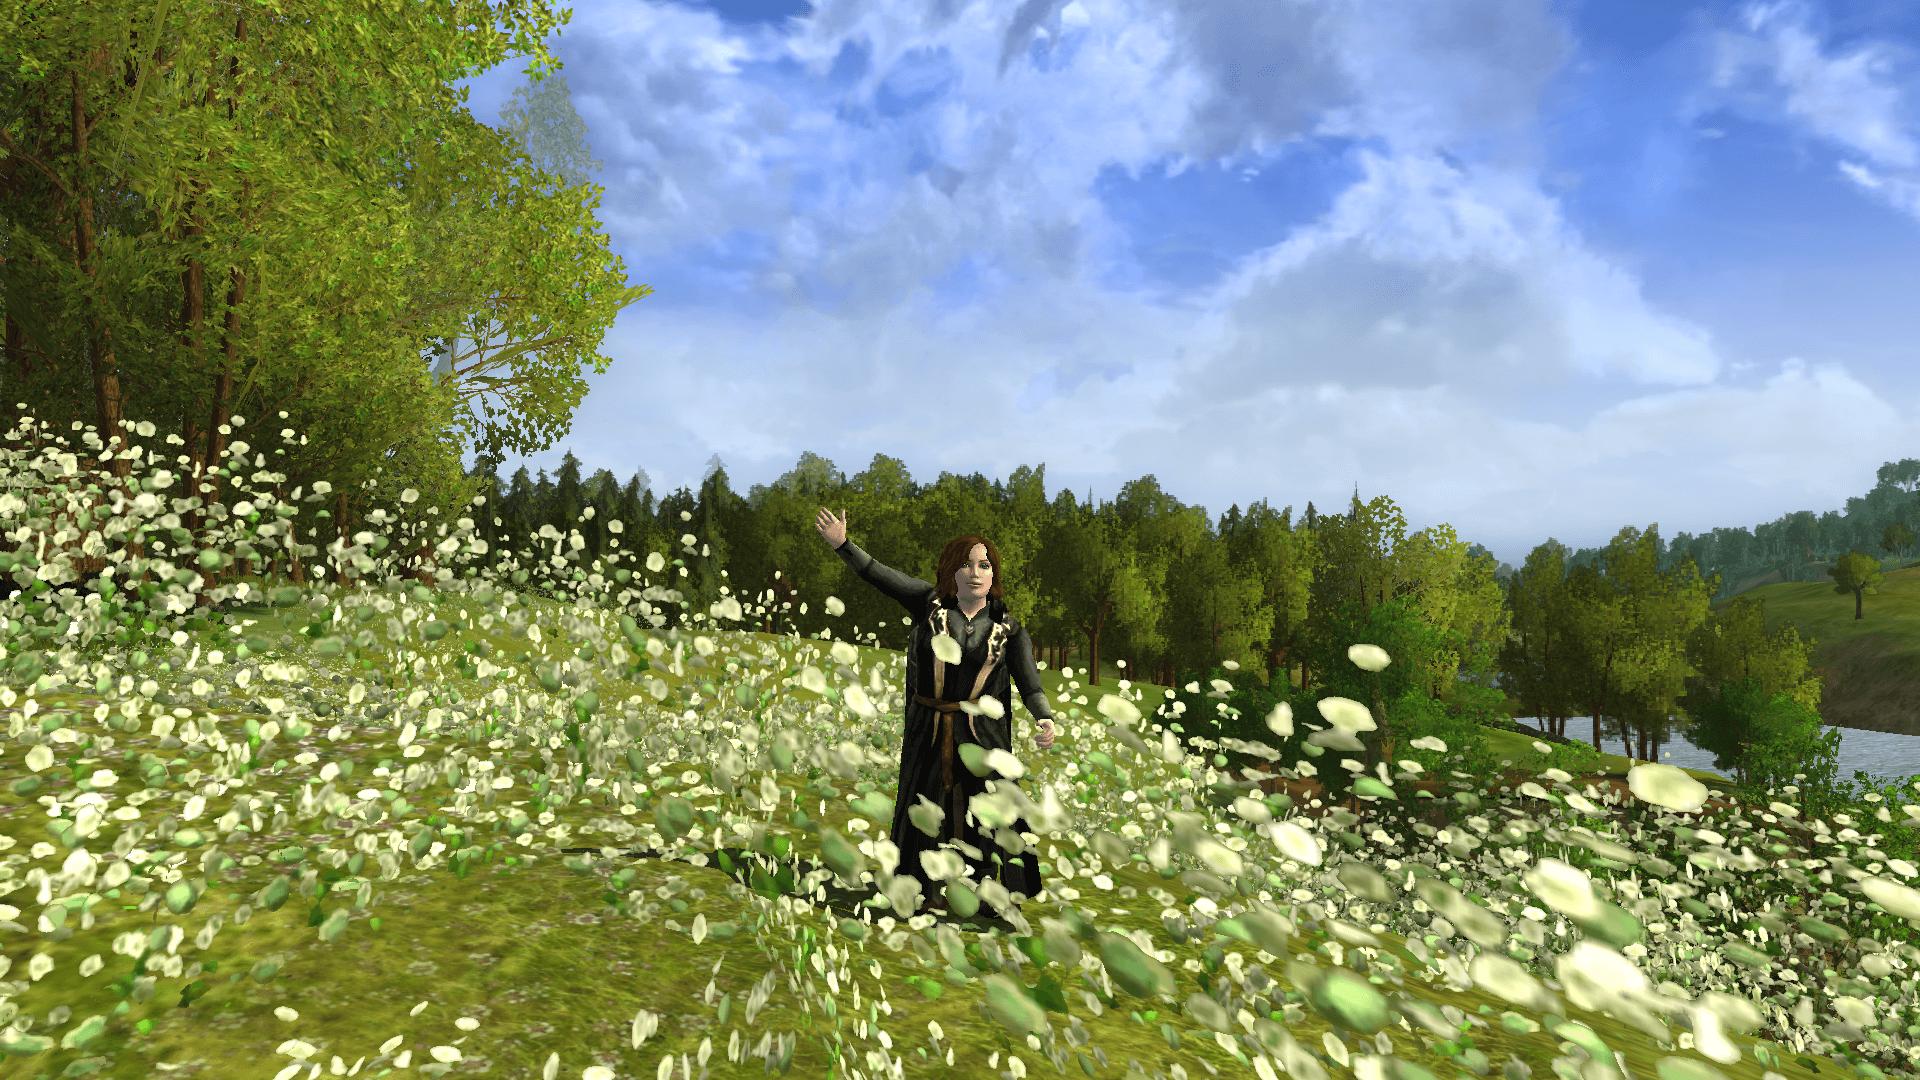 Sayawen in Hobbiton